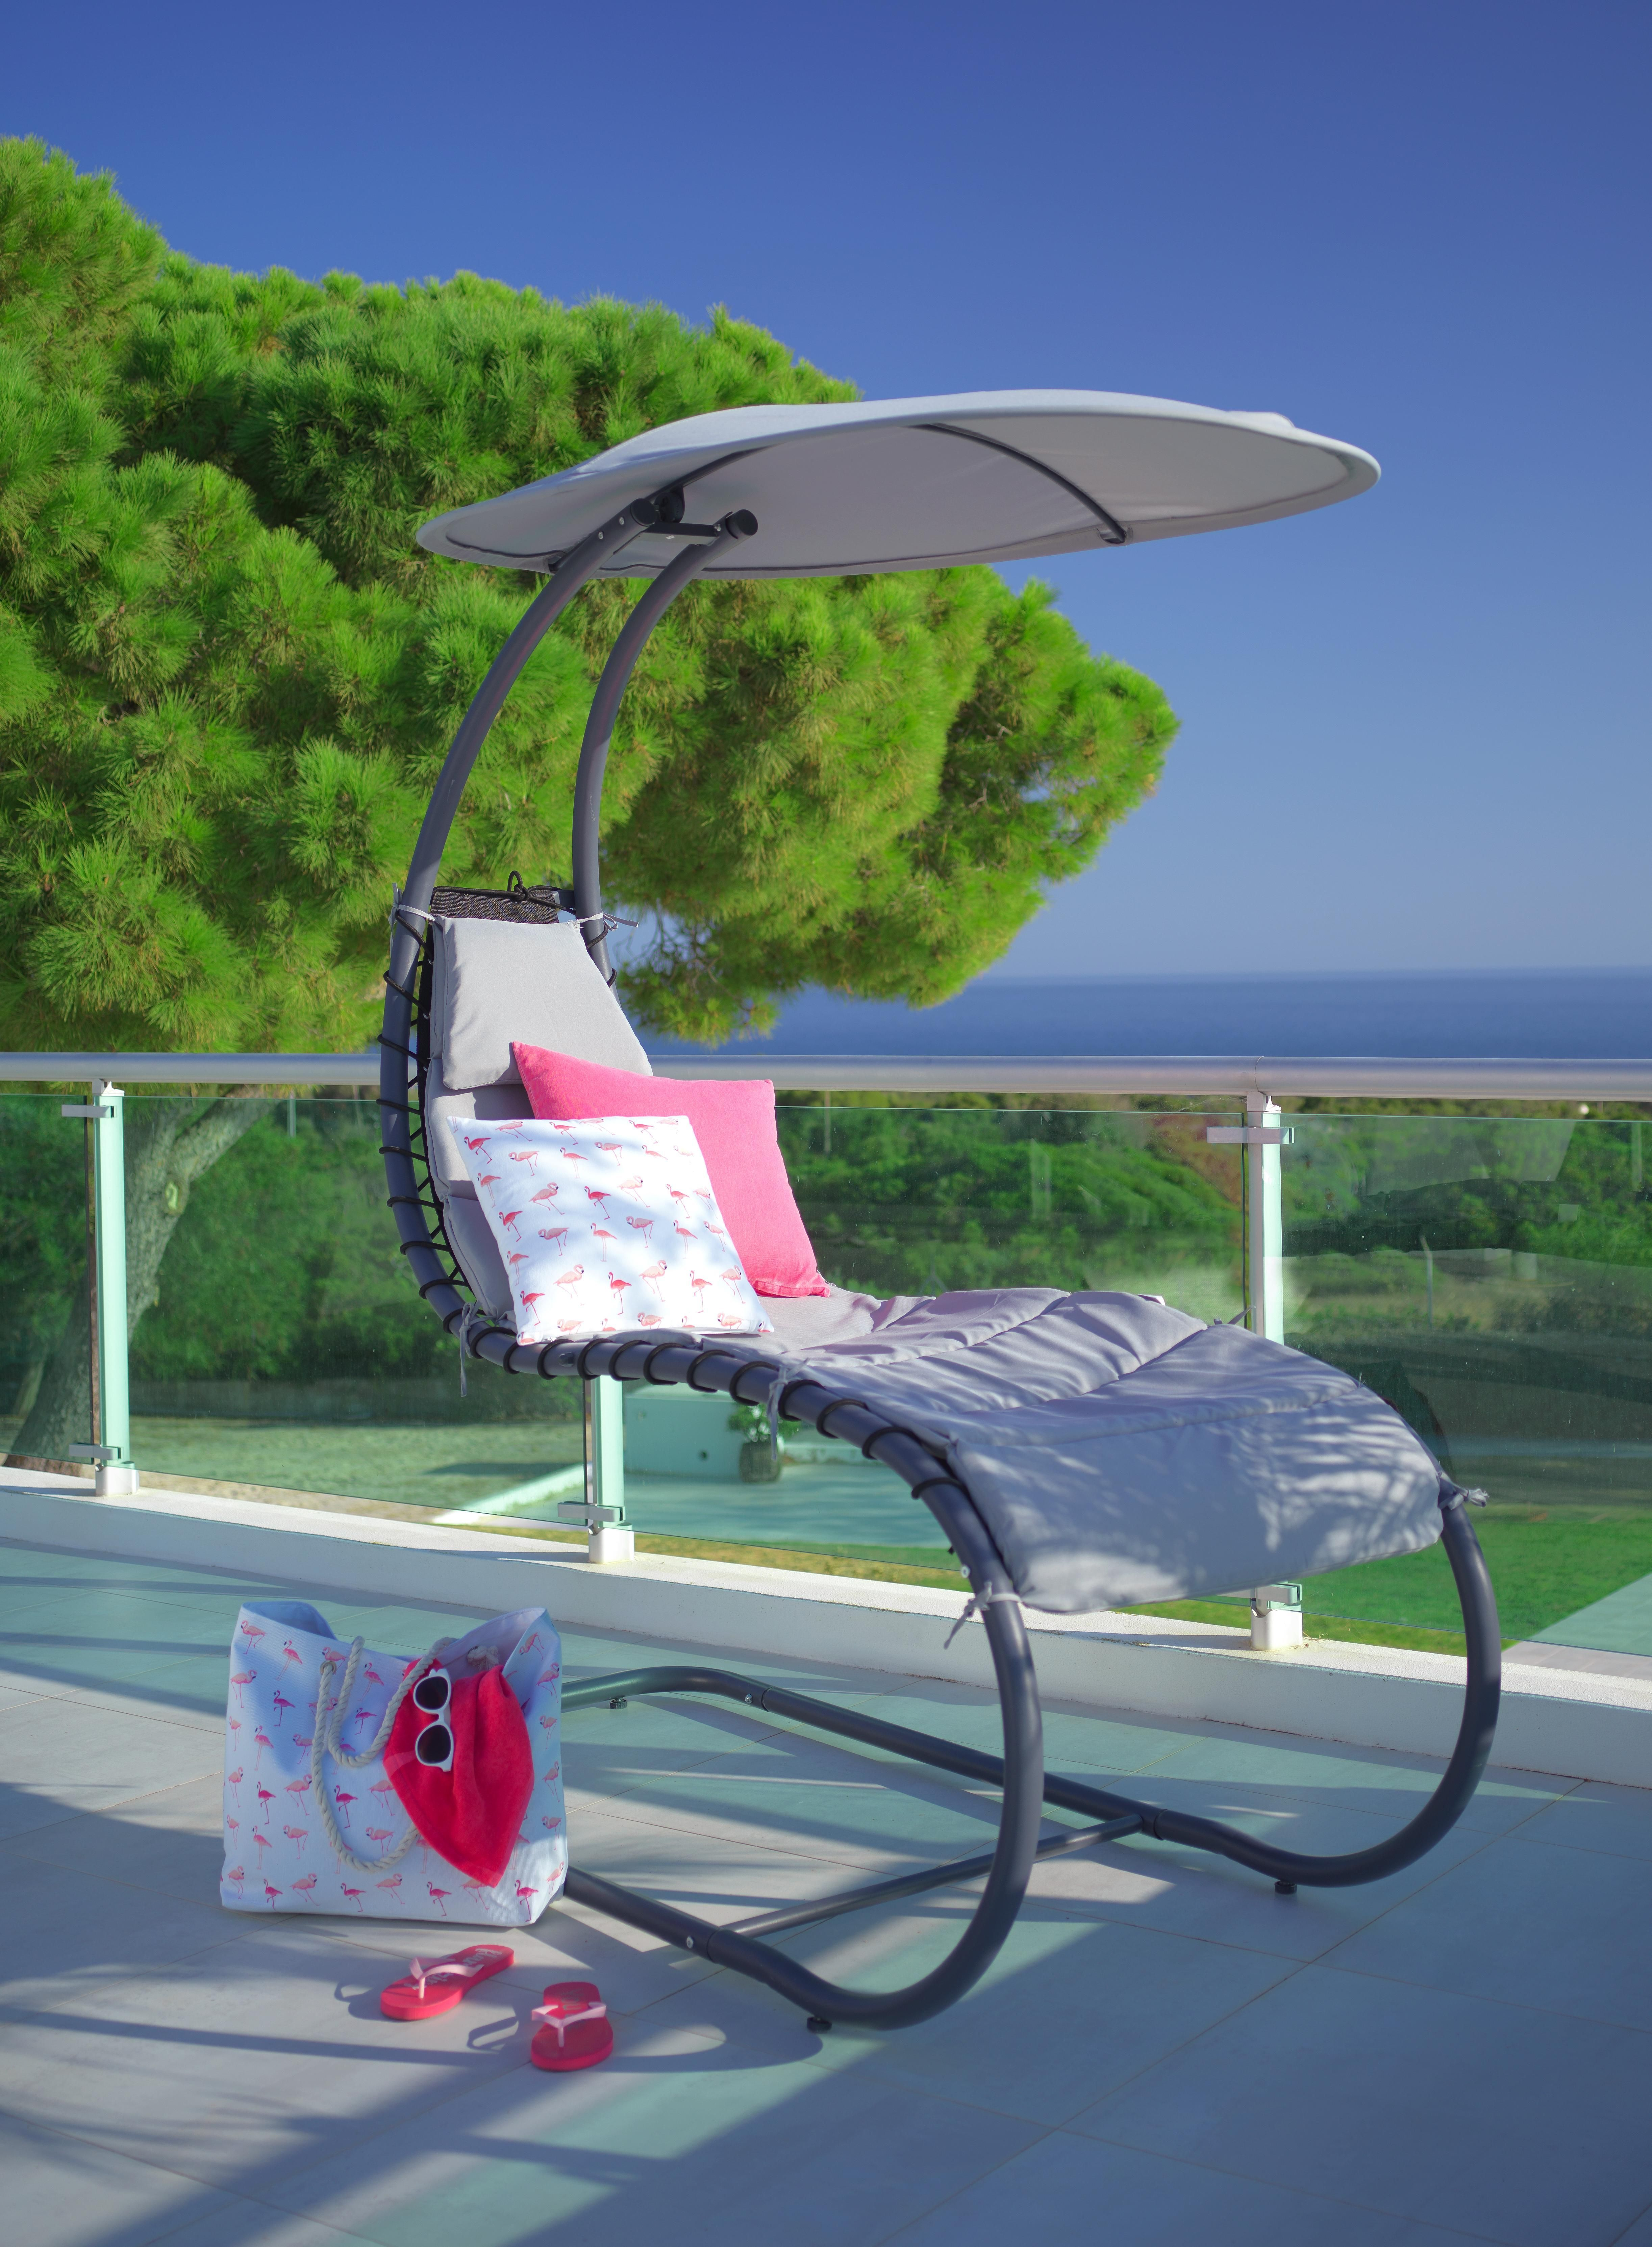 Hangesessel In Hellgrau Ein Gemutlicher Platz Im Schatten Sessel Relaxsessel Relaxen